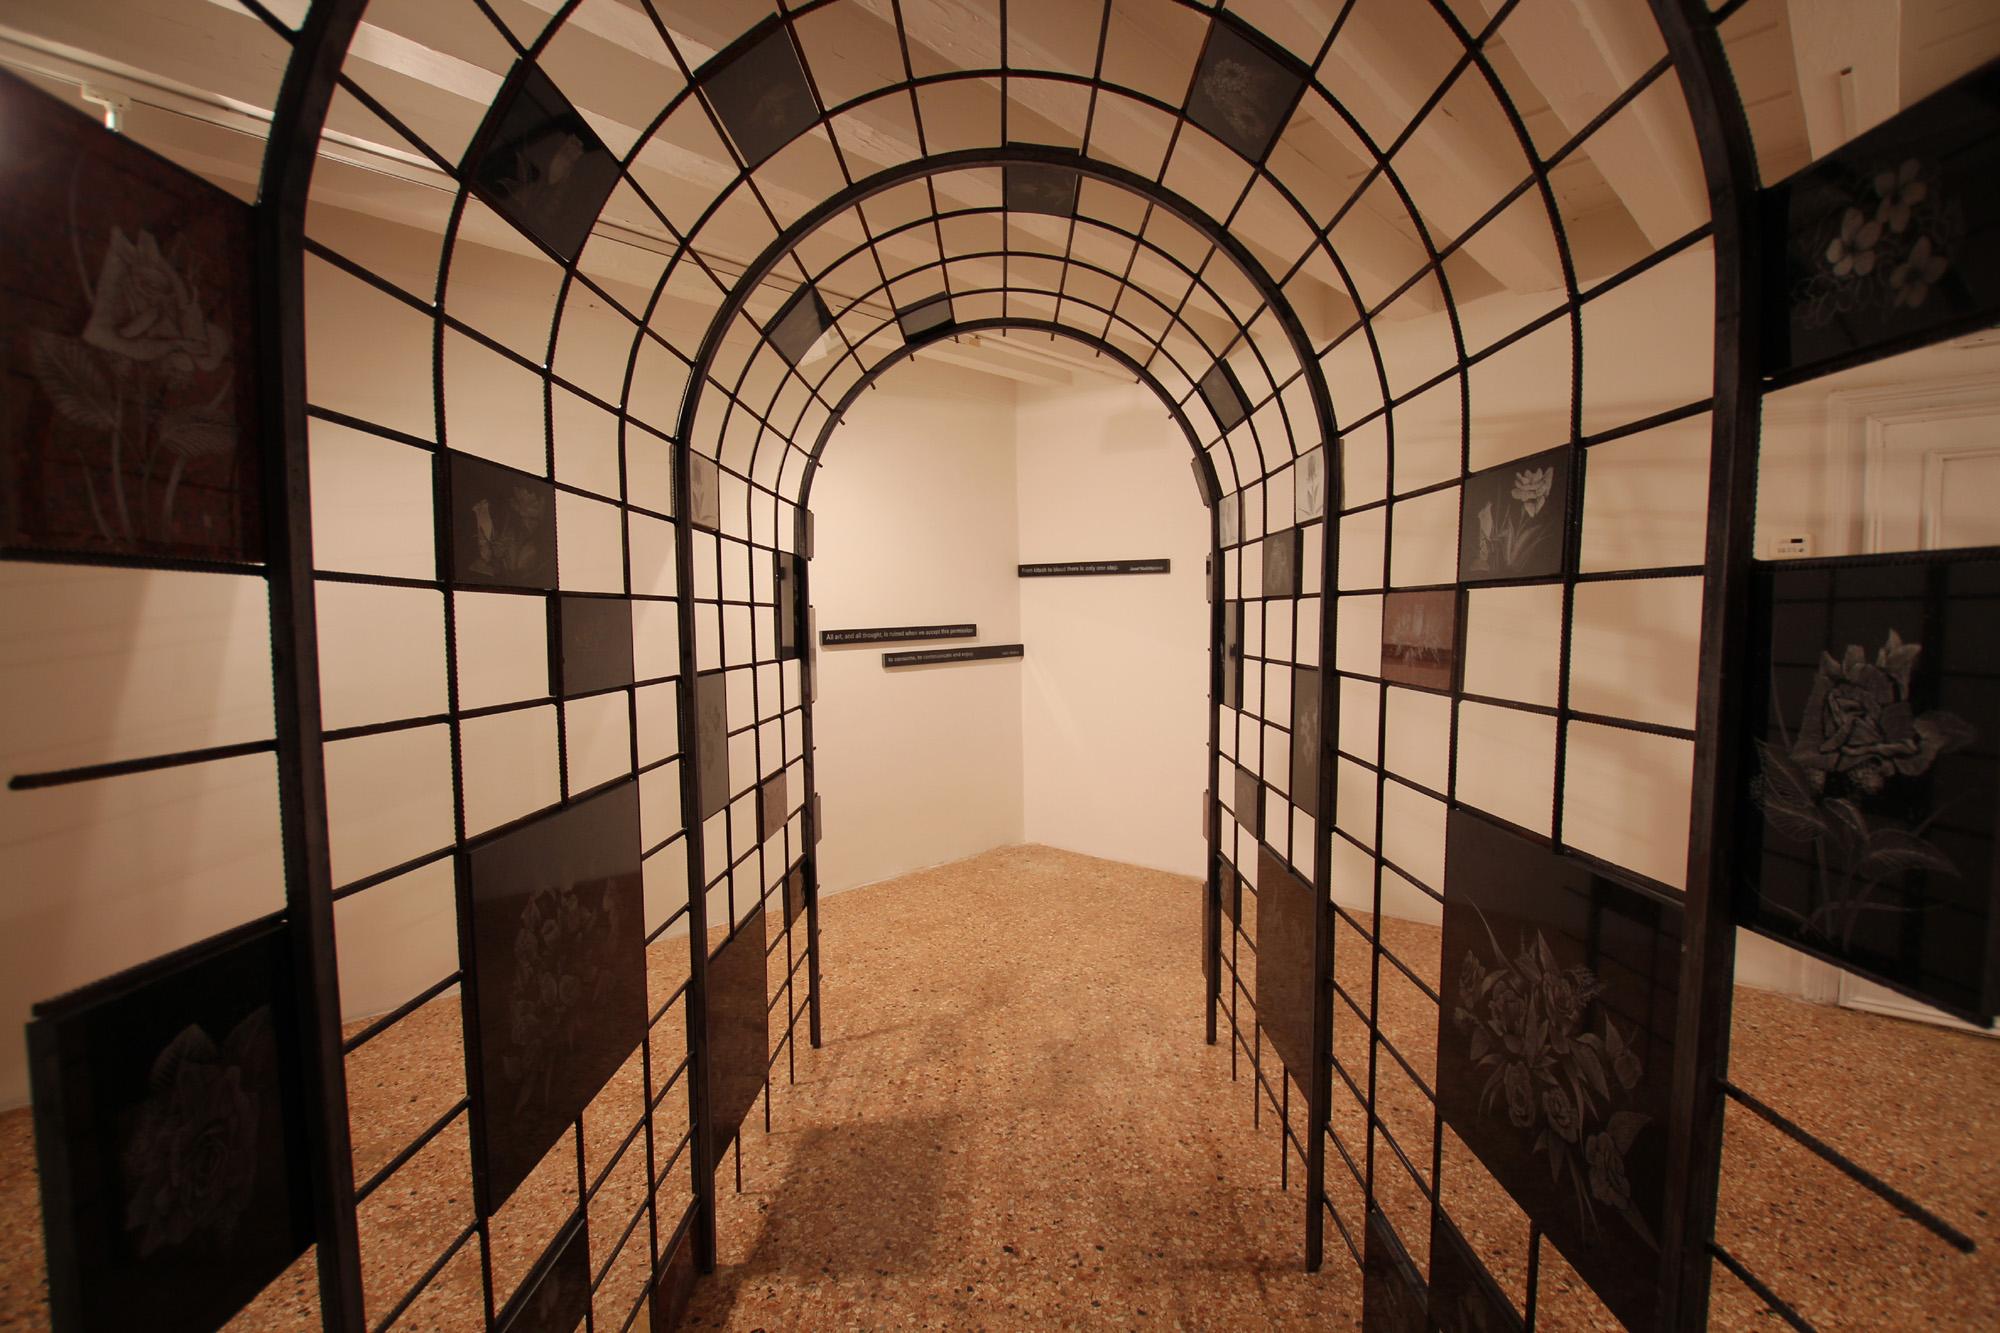 Una sala del Padiglione bosniaco alla Biennale di Venezia (Foto Andrea Rossini)